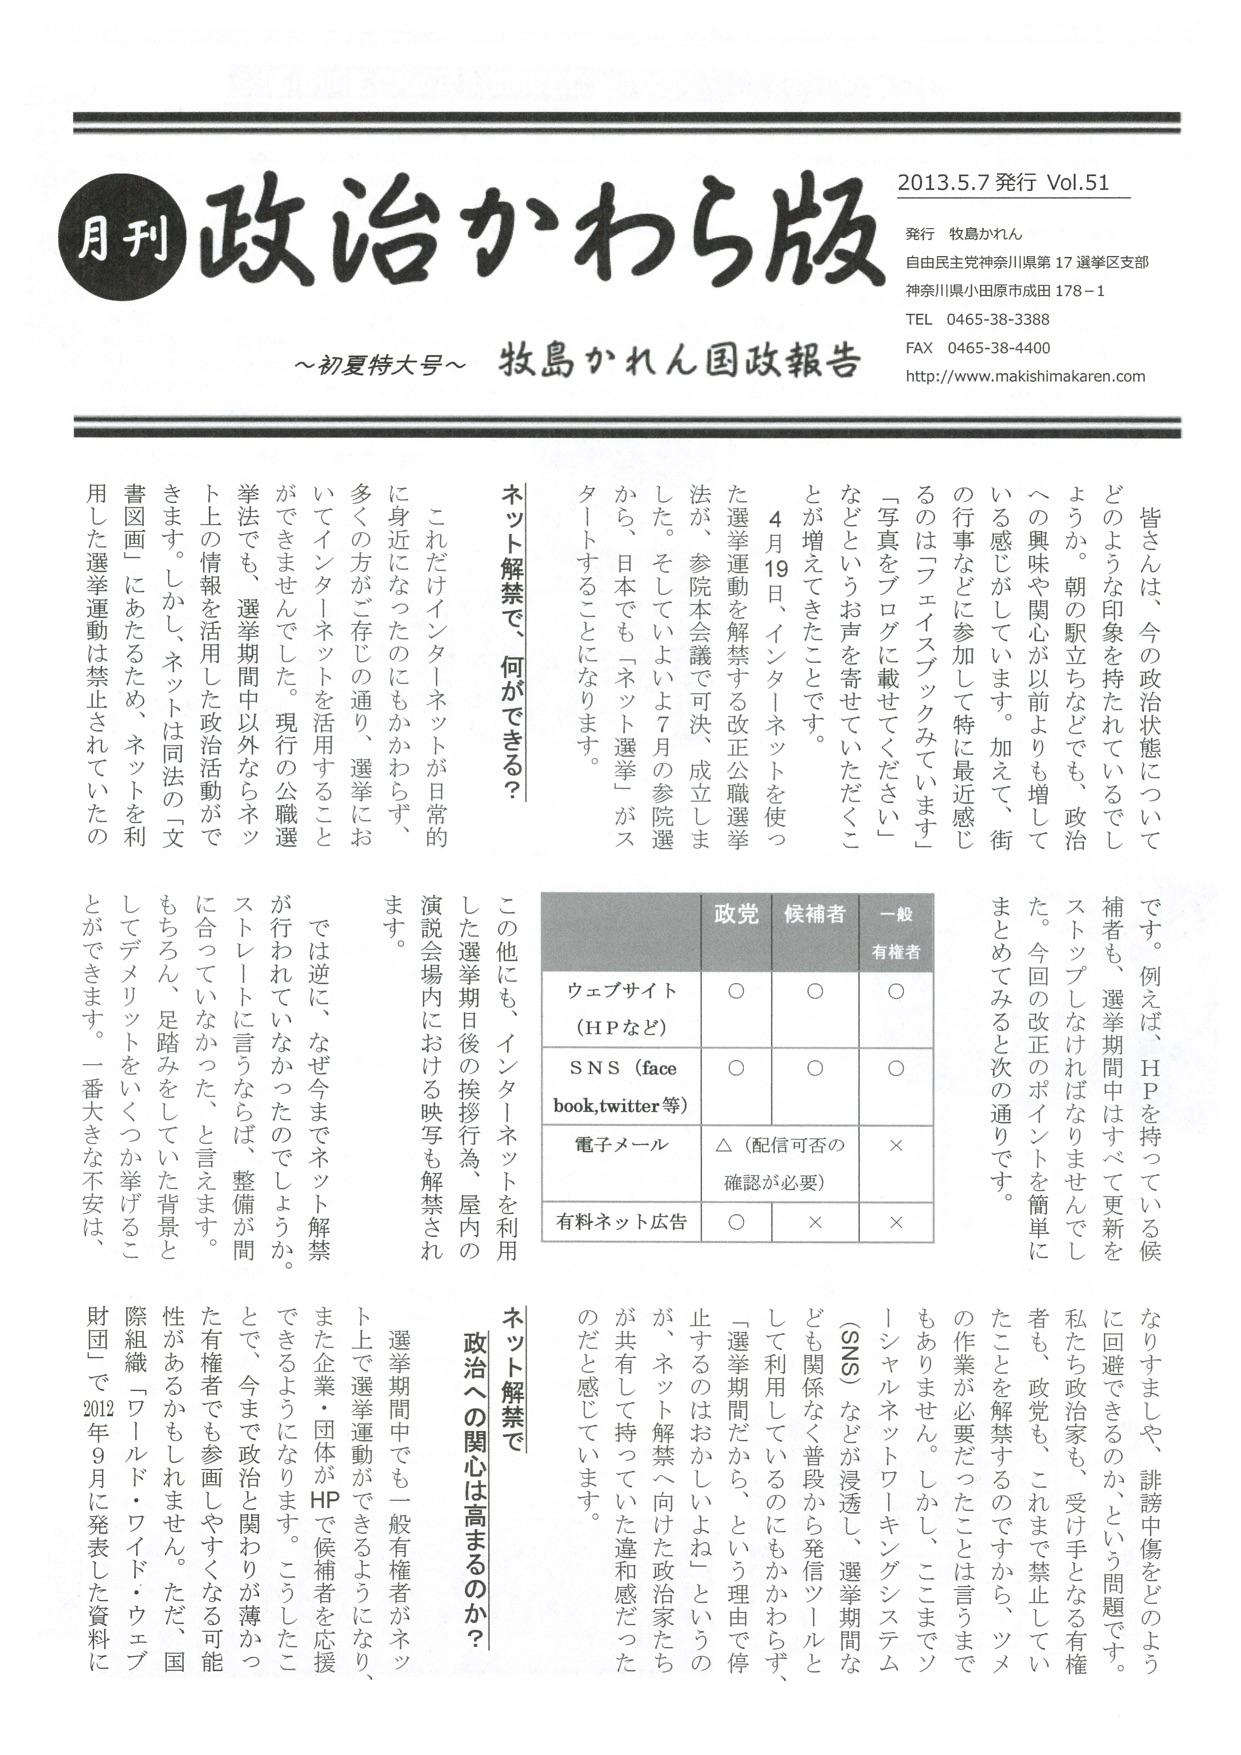 牧島かれん 政治かわら版初夏特大号 Vol.51